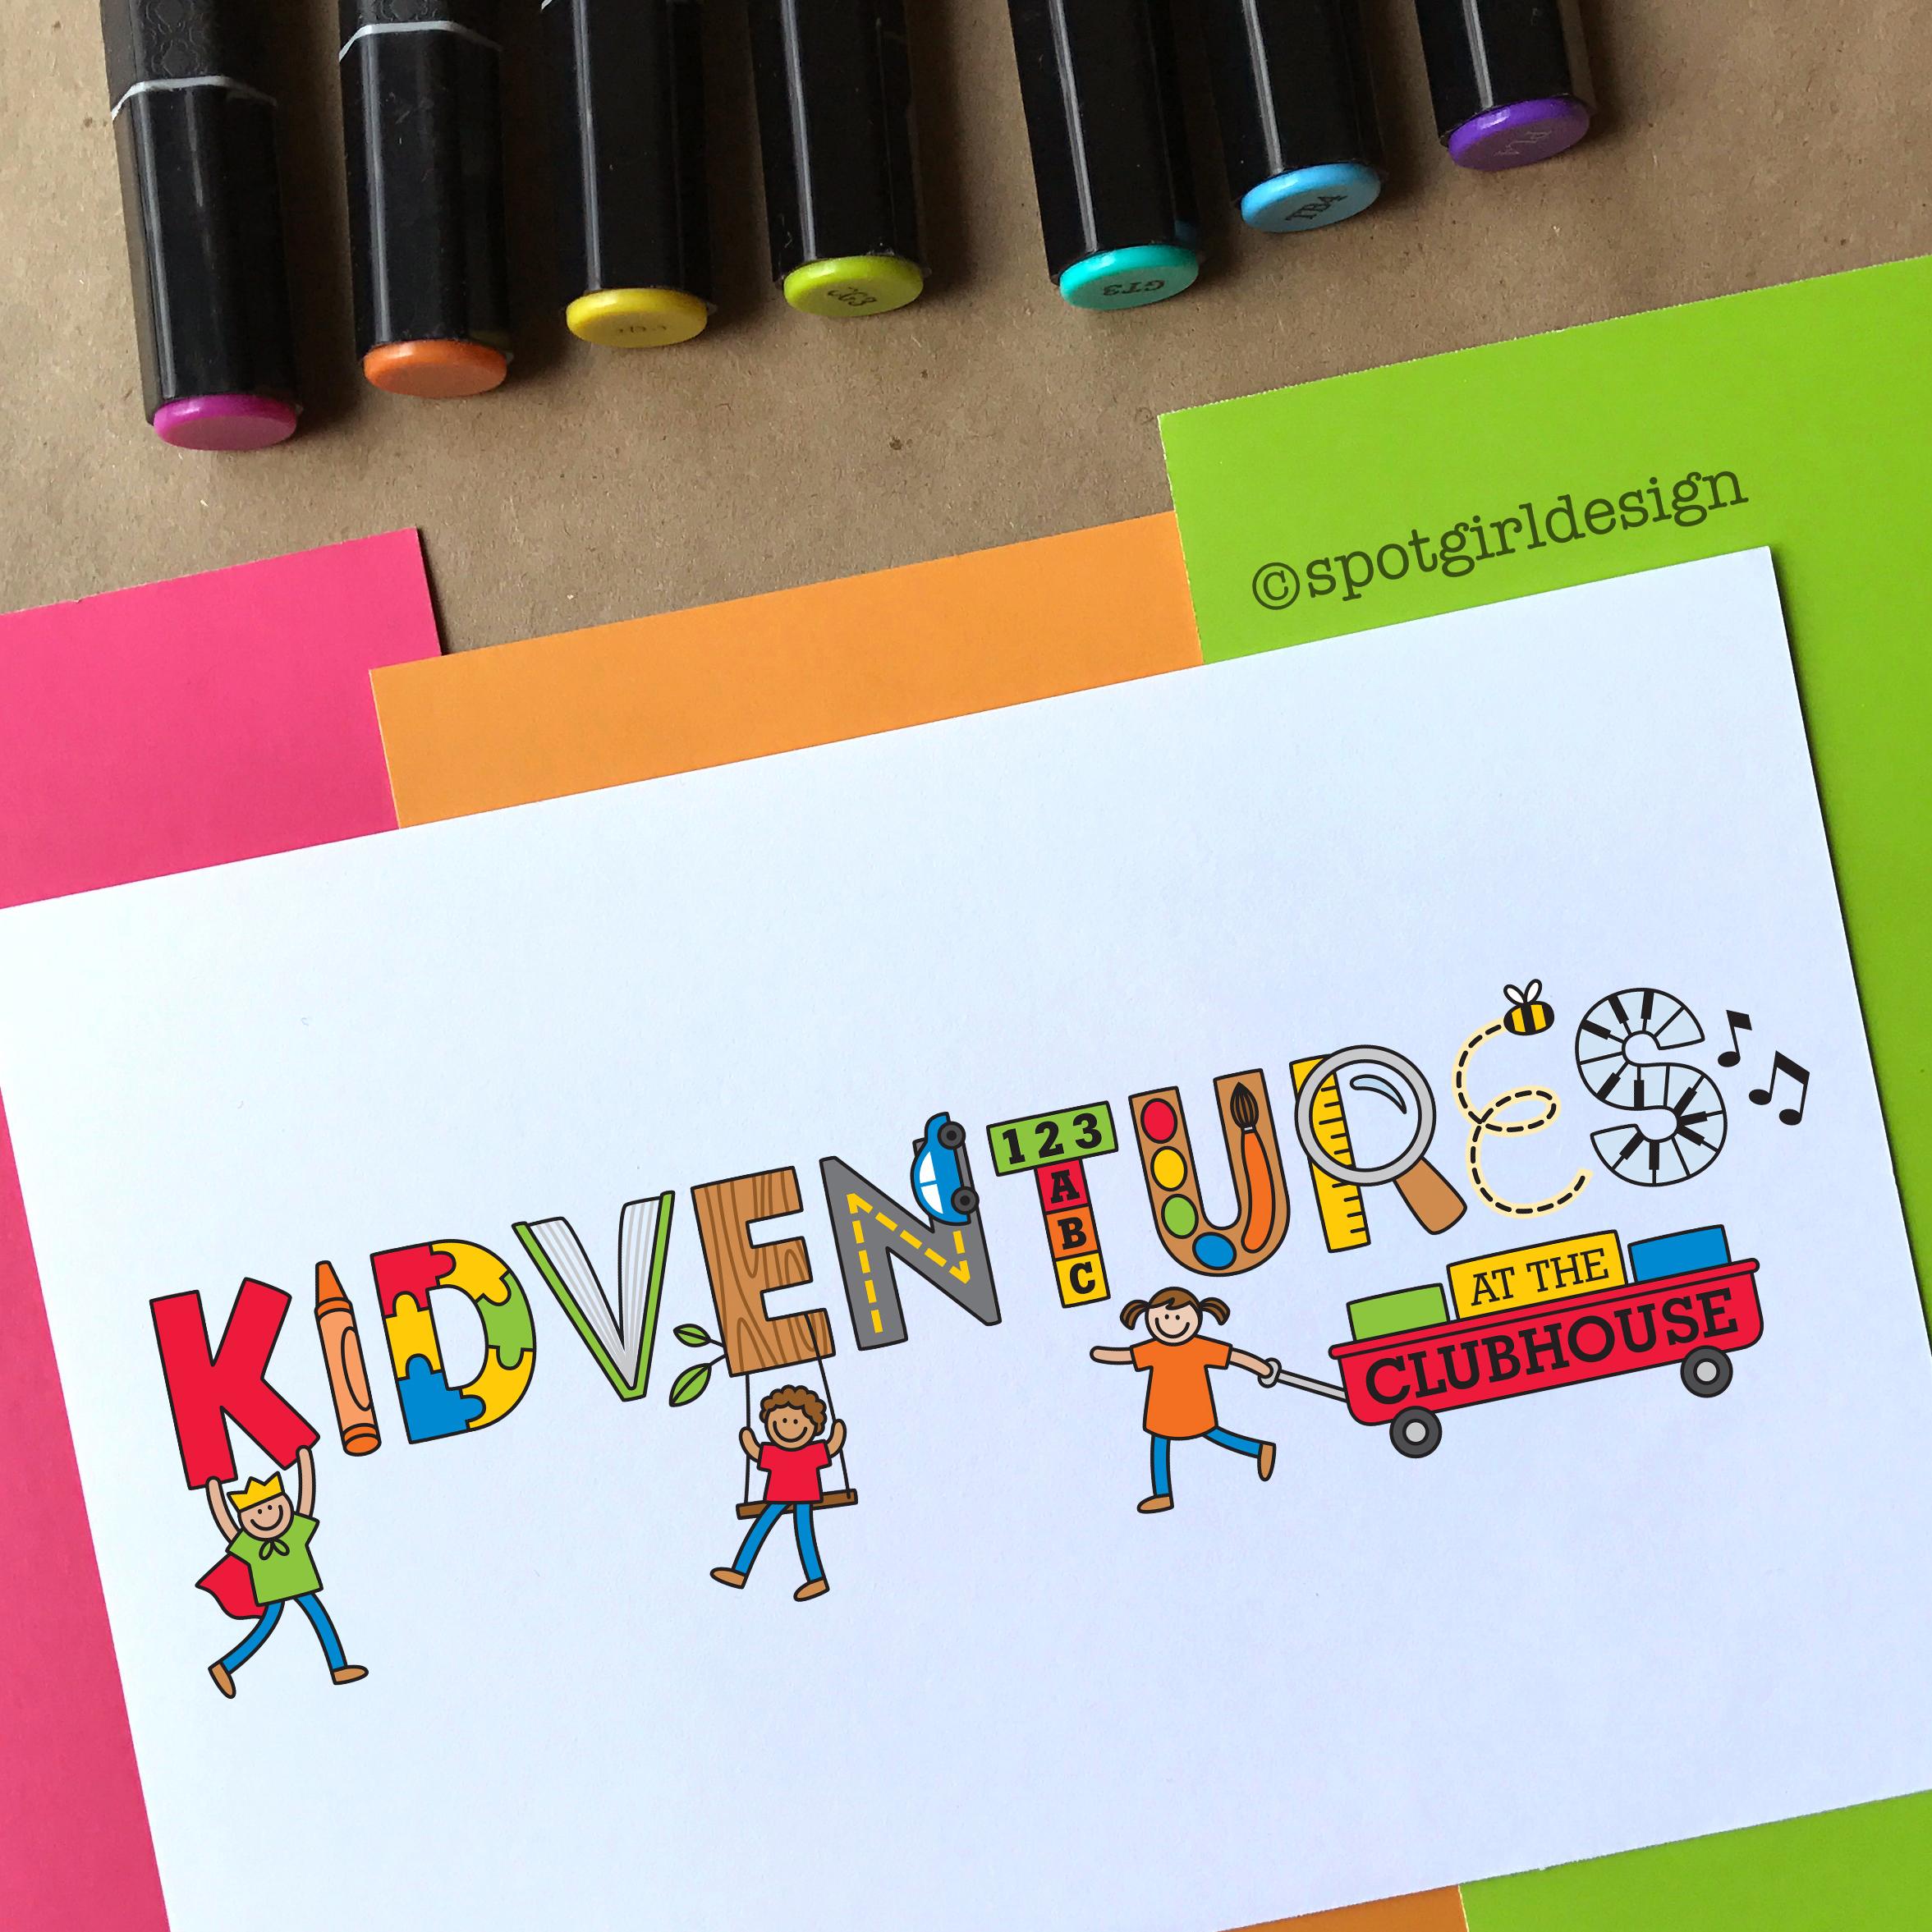 Kidventures